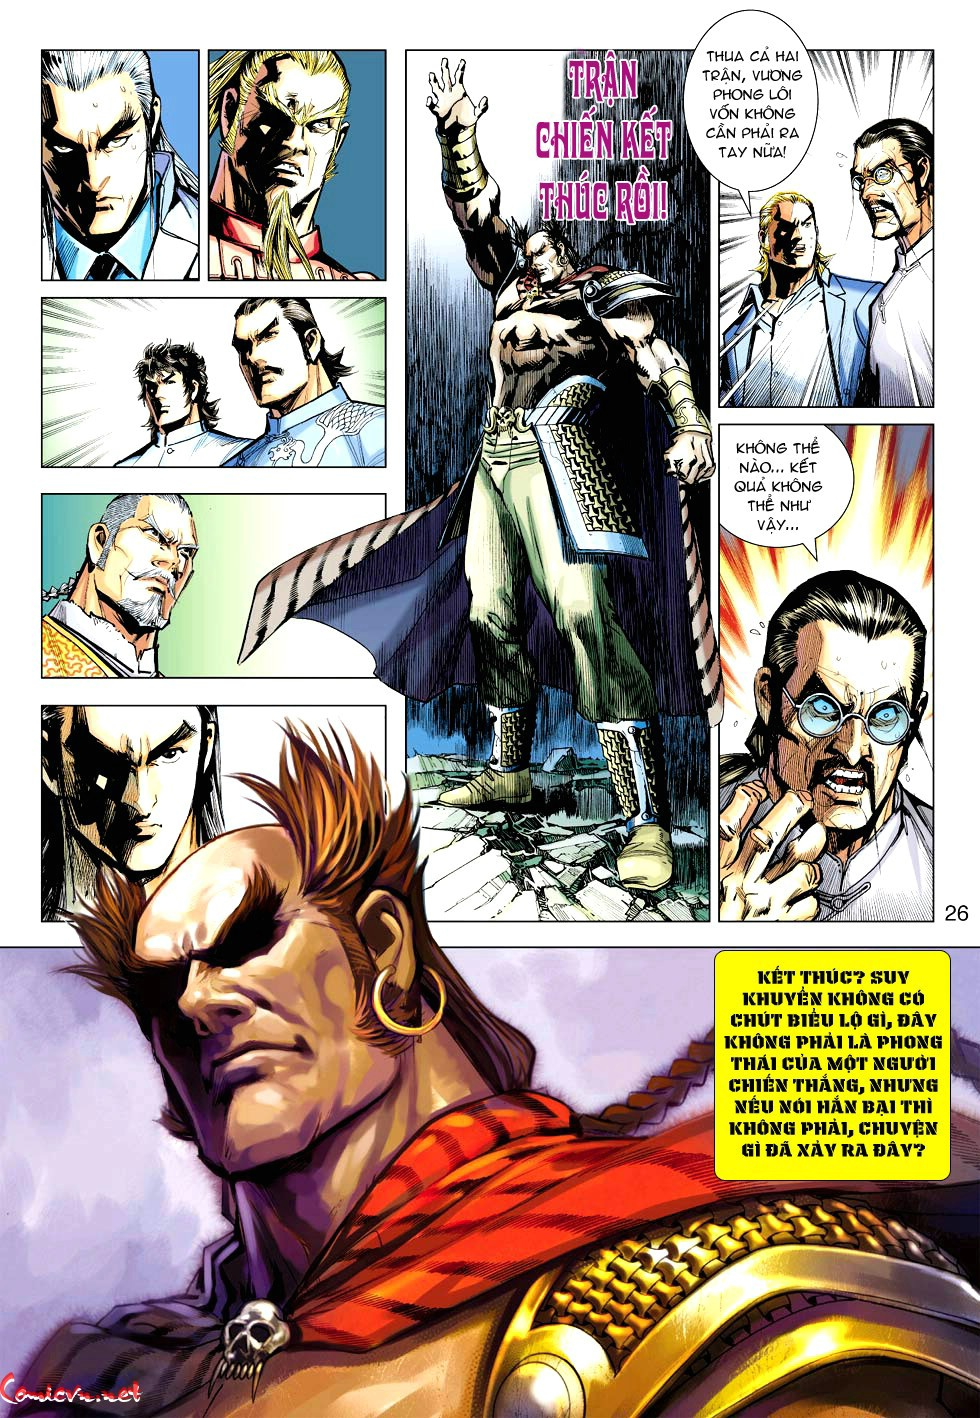 Vương Phong Lôi 1 chap 30 - Trang 23